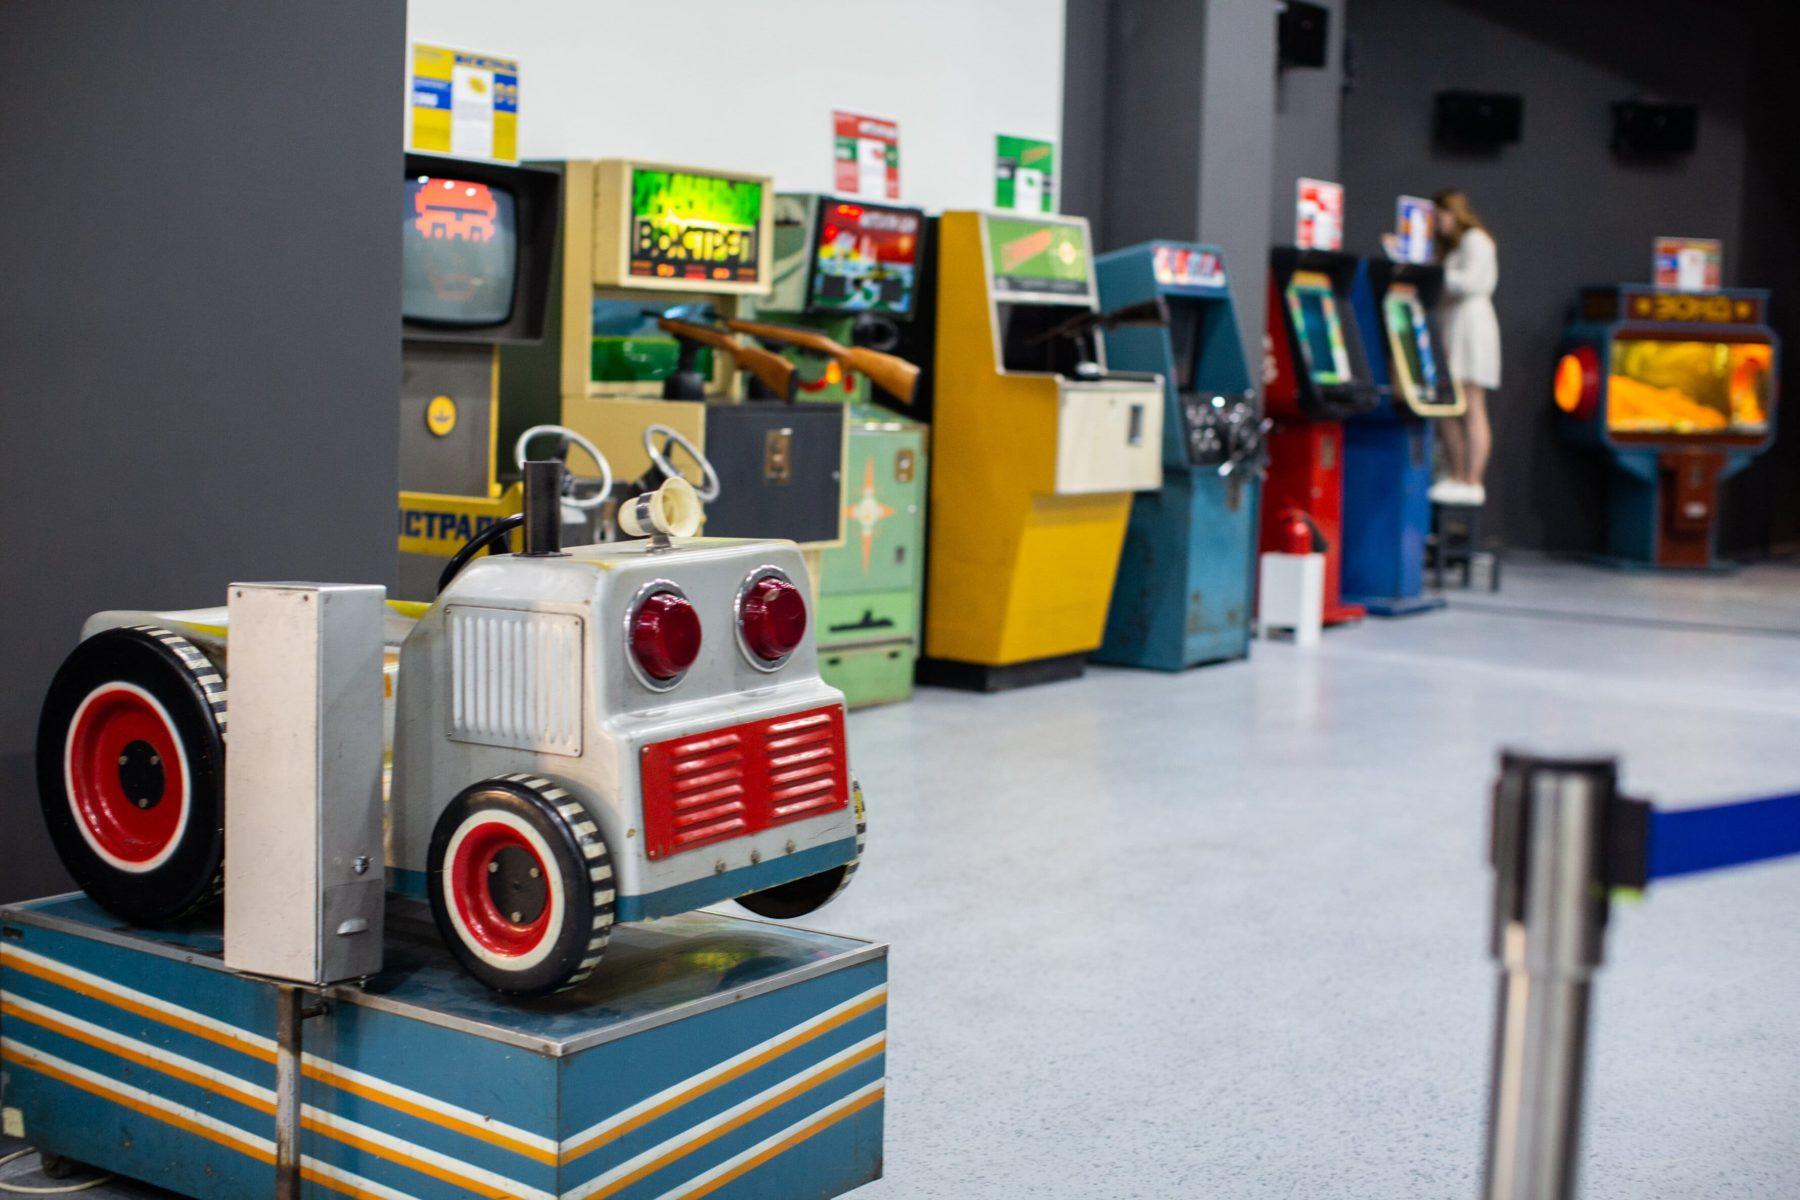 Muzej igrovyh avtomatov VDNH